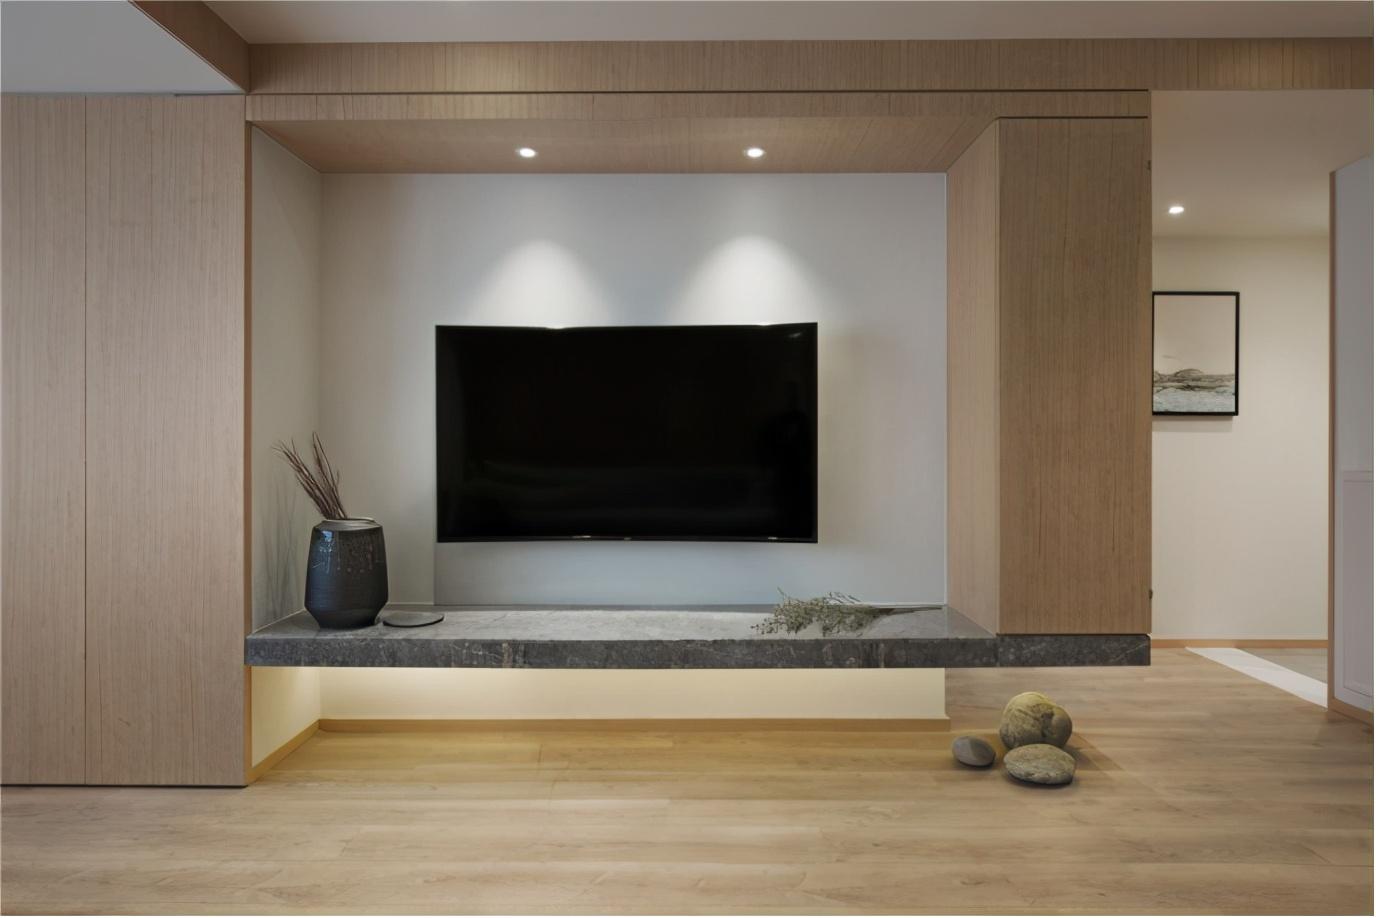 东方气息空间,木作装饰自然沉稳,室内流淌书香雅意